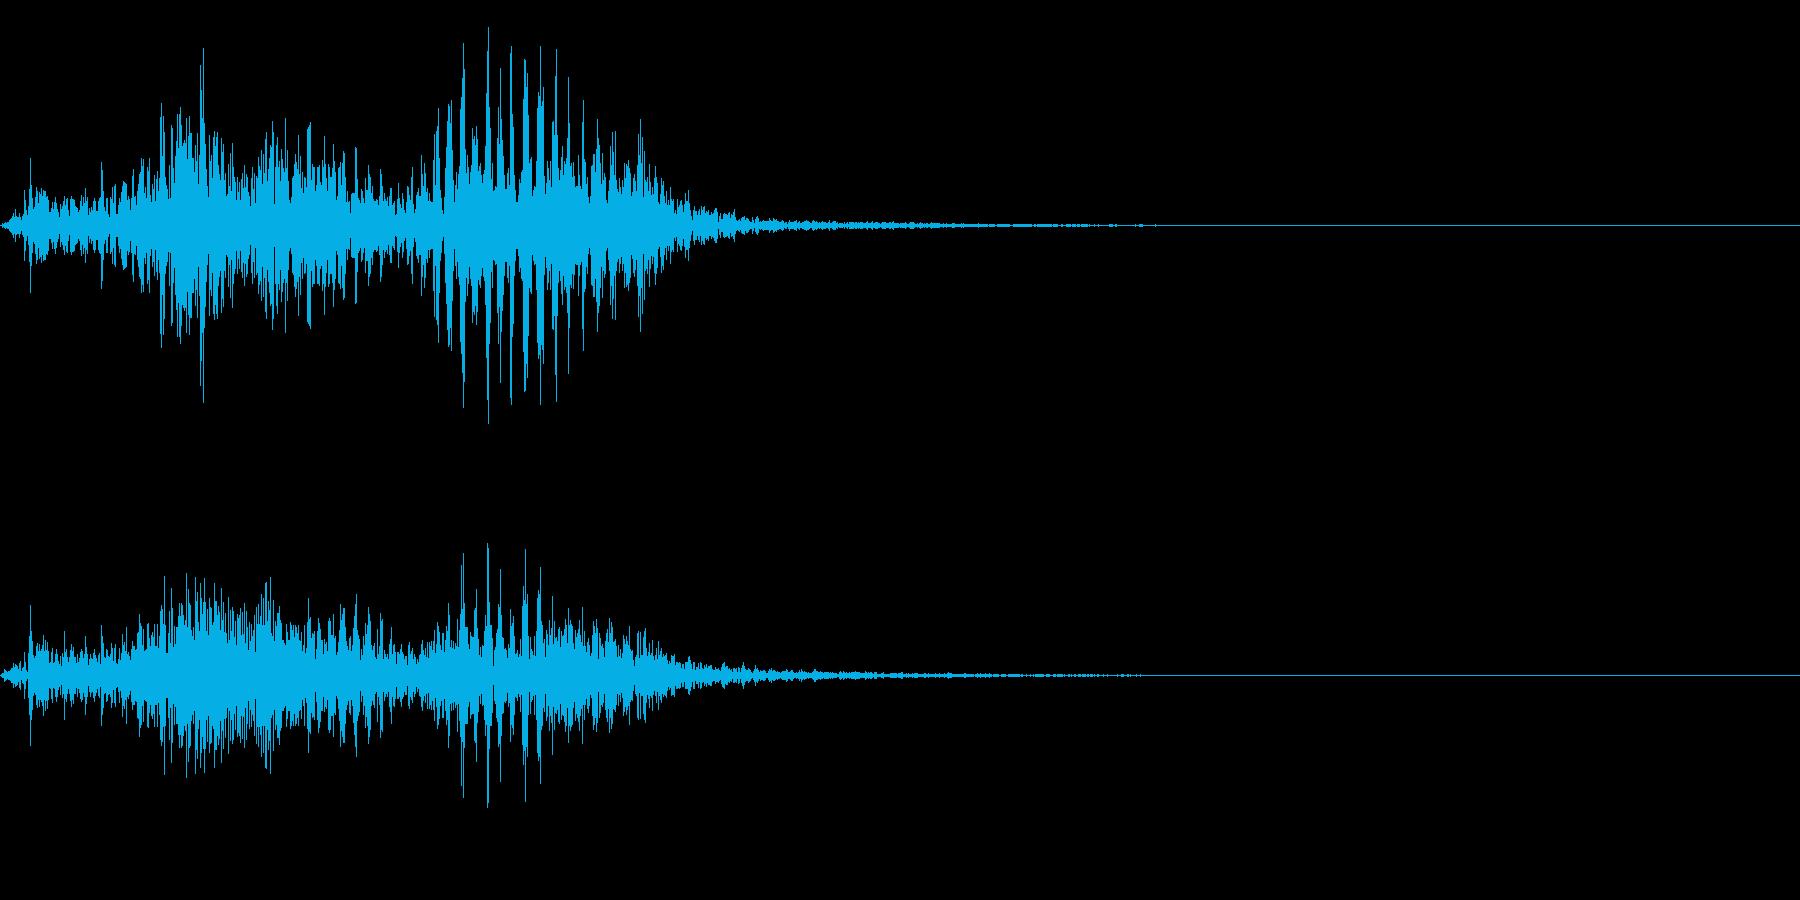 【生録音】フラミンゴの鳴き声 37の再生済みの波形